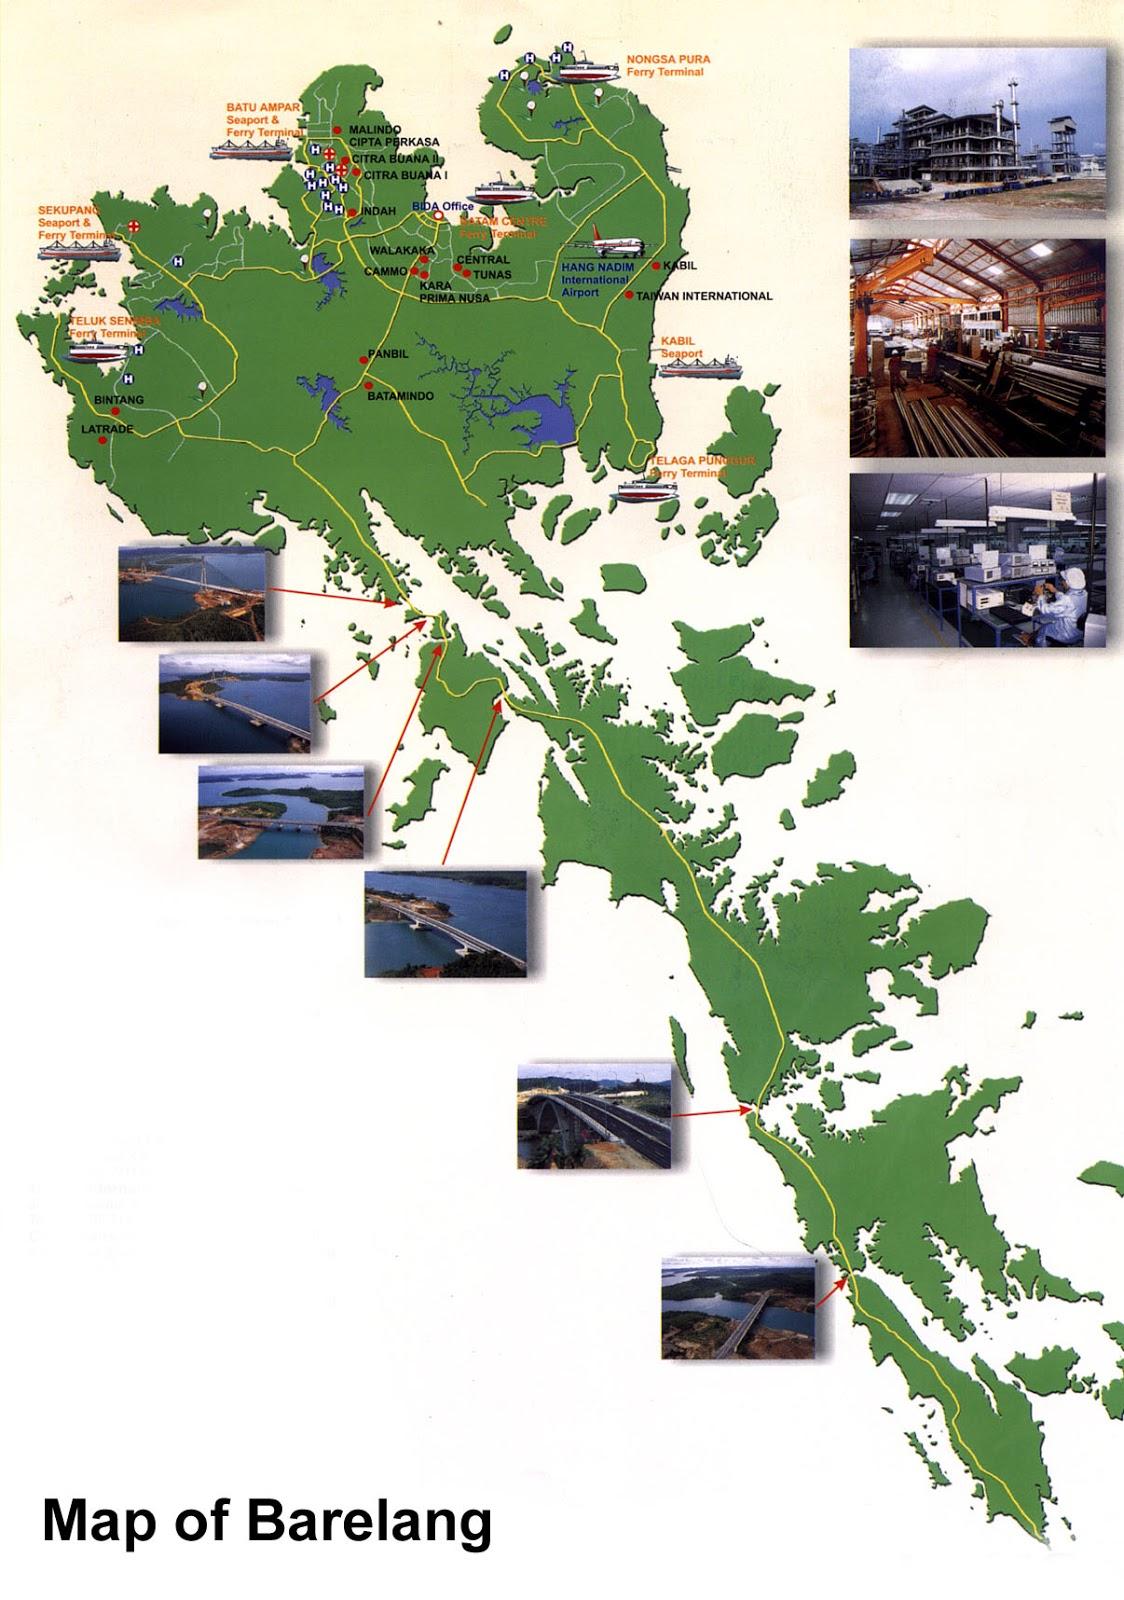 > Peta Lengkap Indonesia: Peta Barelang, Batam Kepulauan Riau